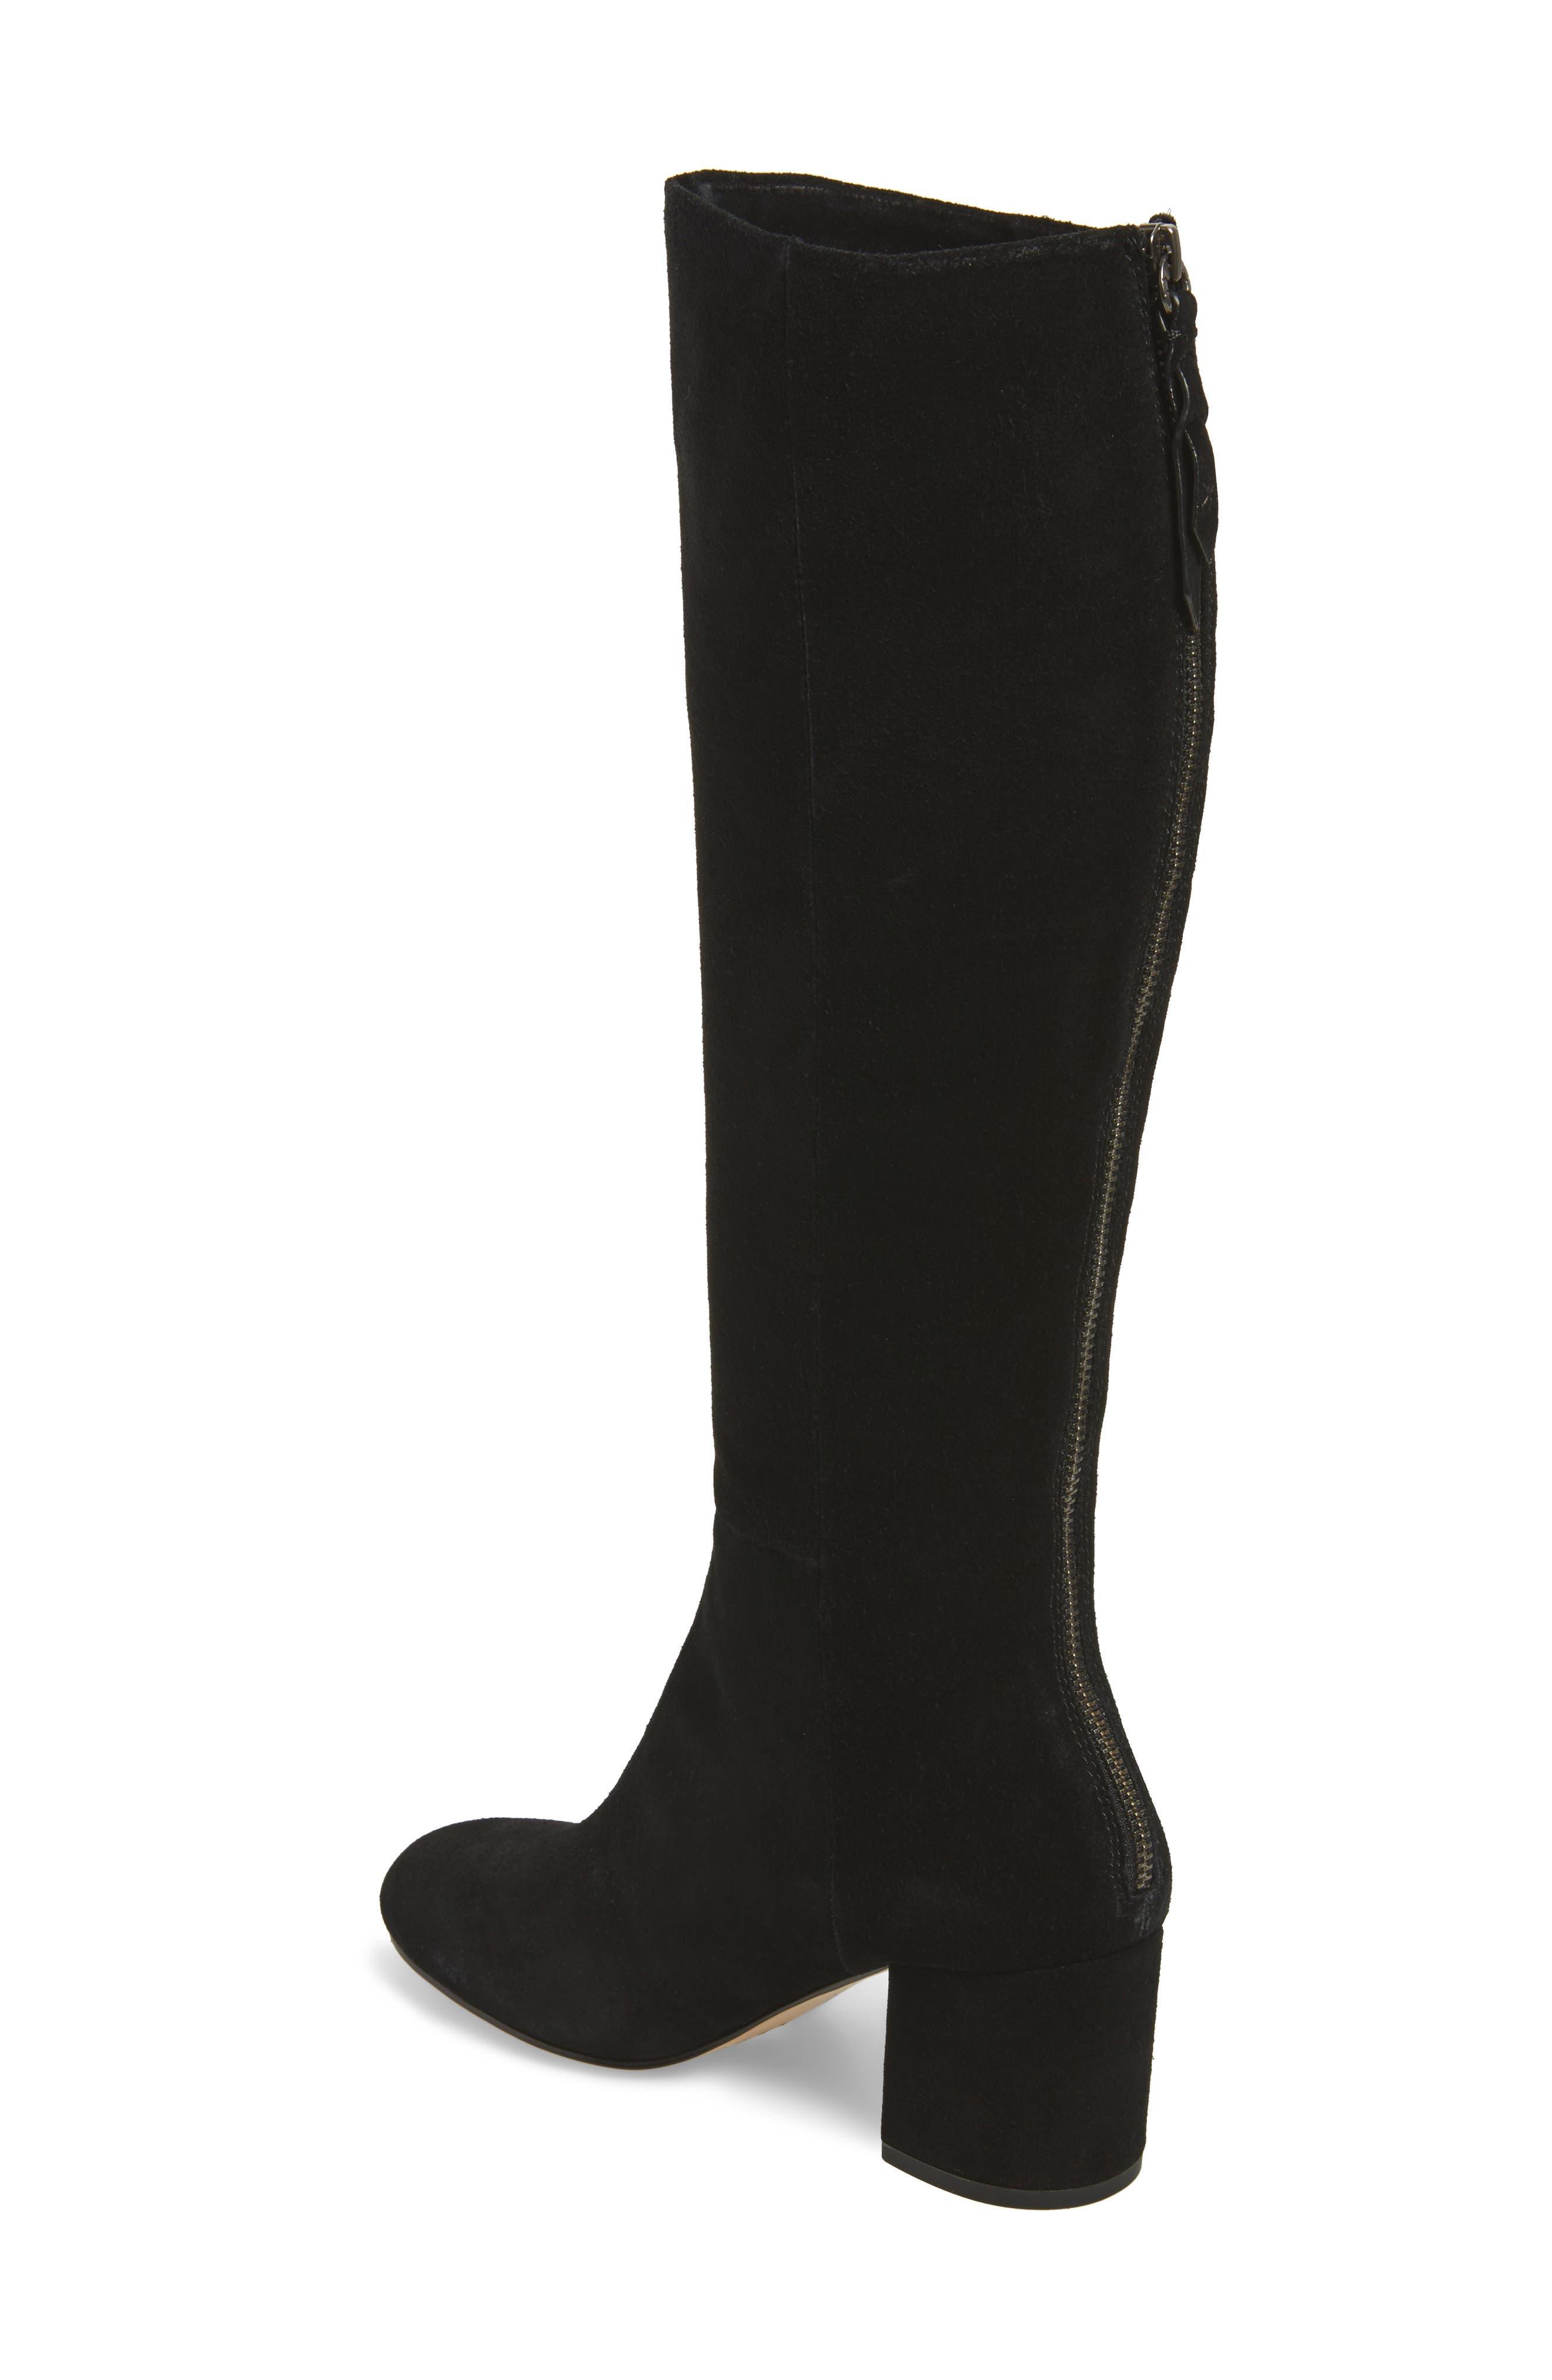 Danise Knee High Boot,                             Alternate thumbnail 2, color,                             013